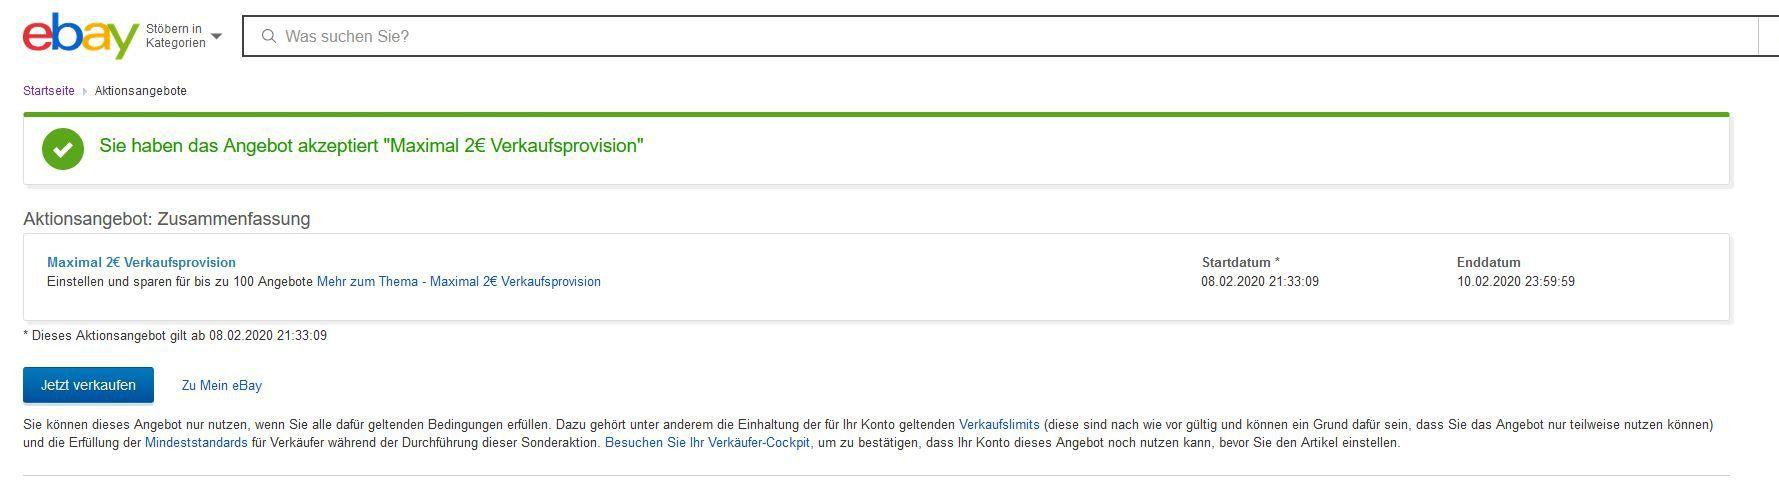 eBay Verkaufsaktion: Max. 2€ Verkaufsprovision vom 8. bis 10.2.   max 100 Artikel